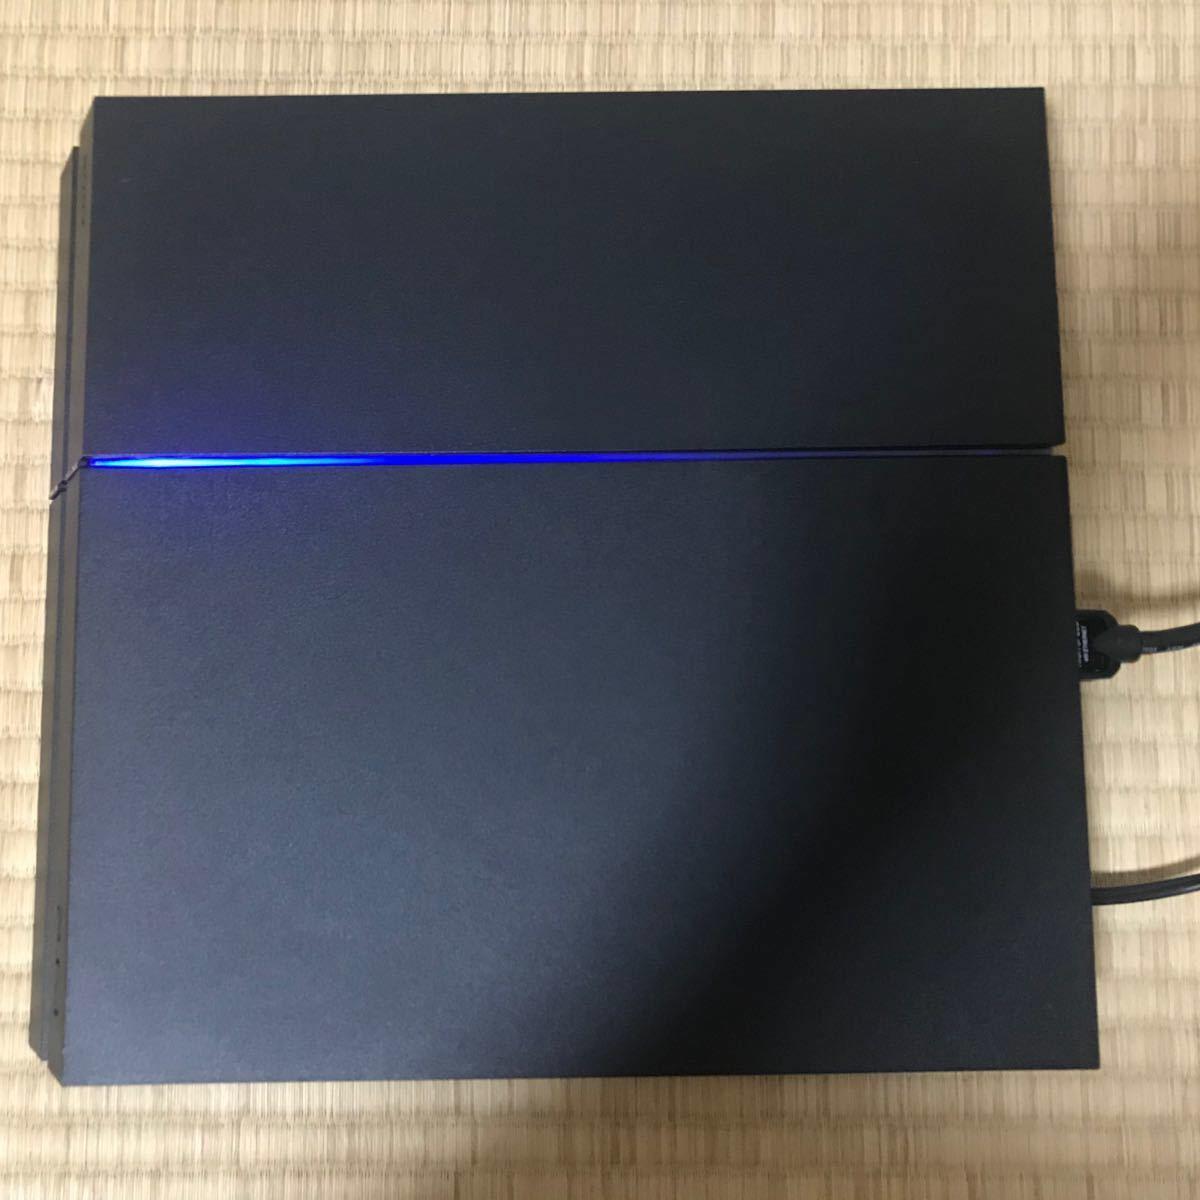 ジャンク 中古品 SONY PlayStation 4 CUH-1200A 本体のみ プレイステーション4 PS4 本体